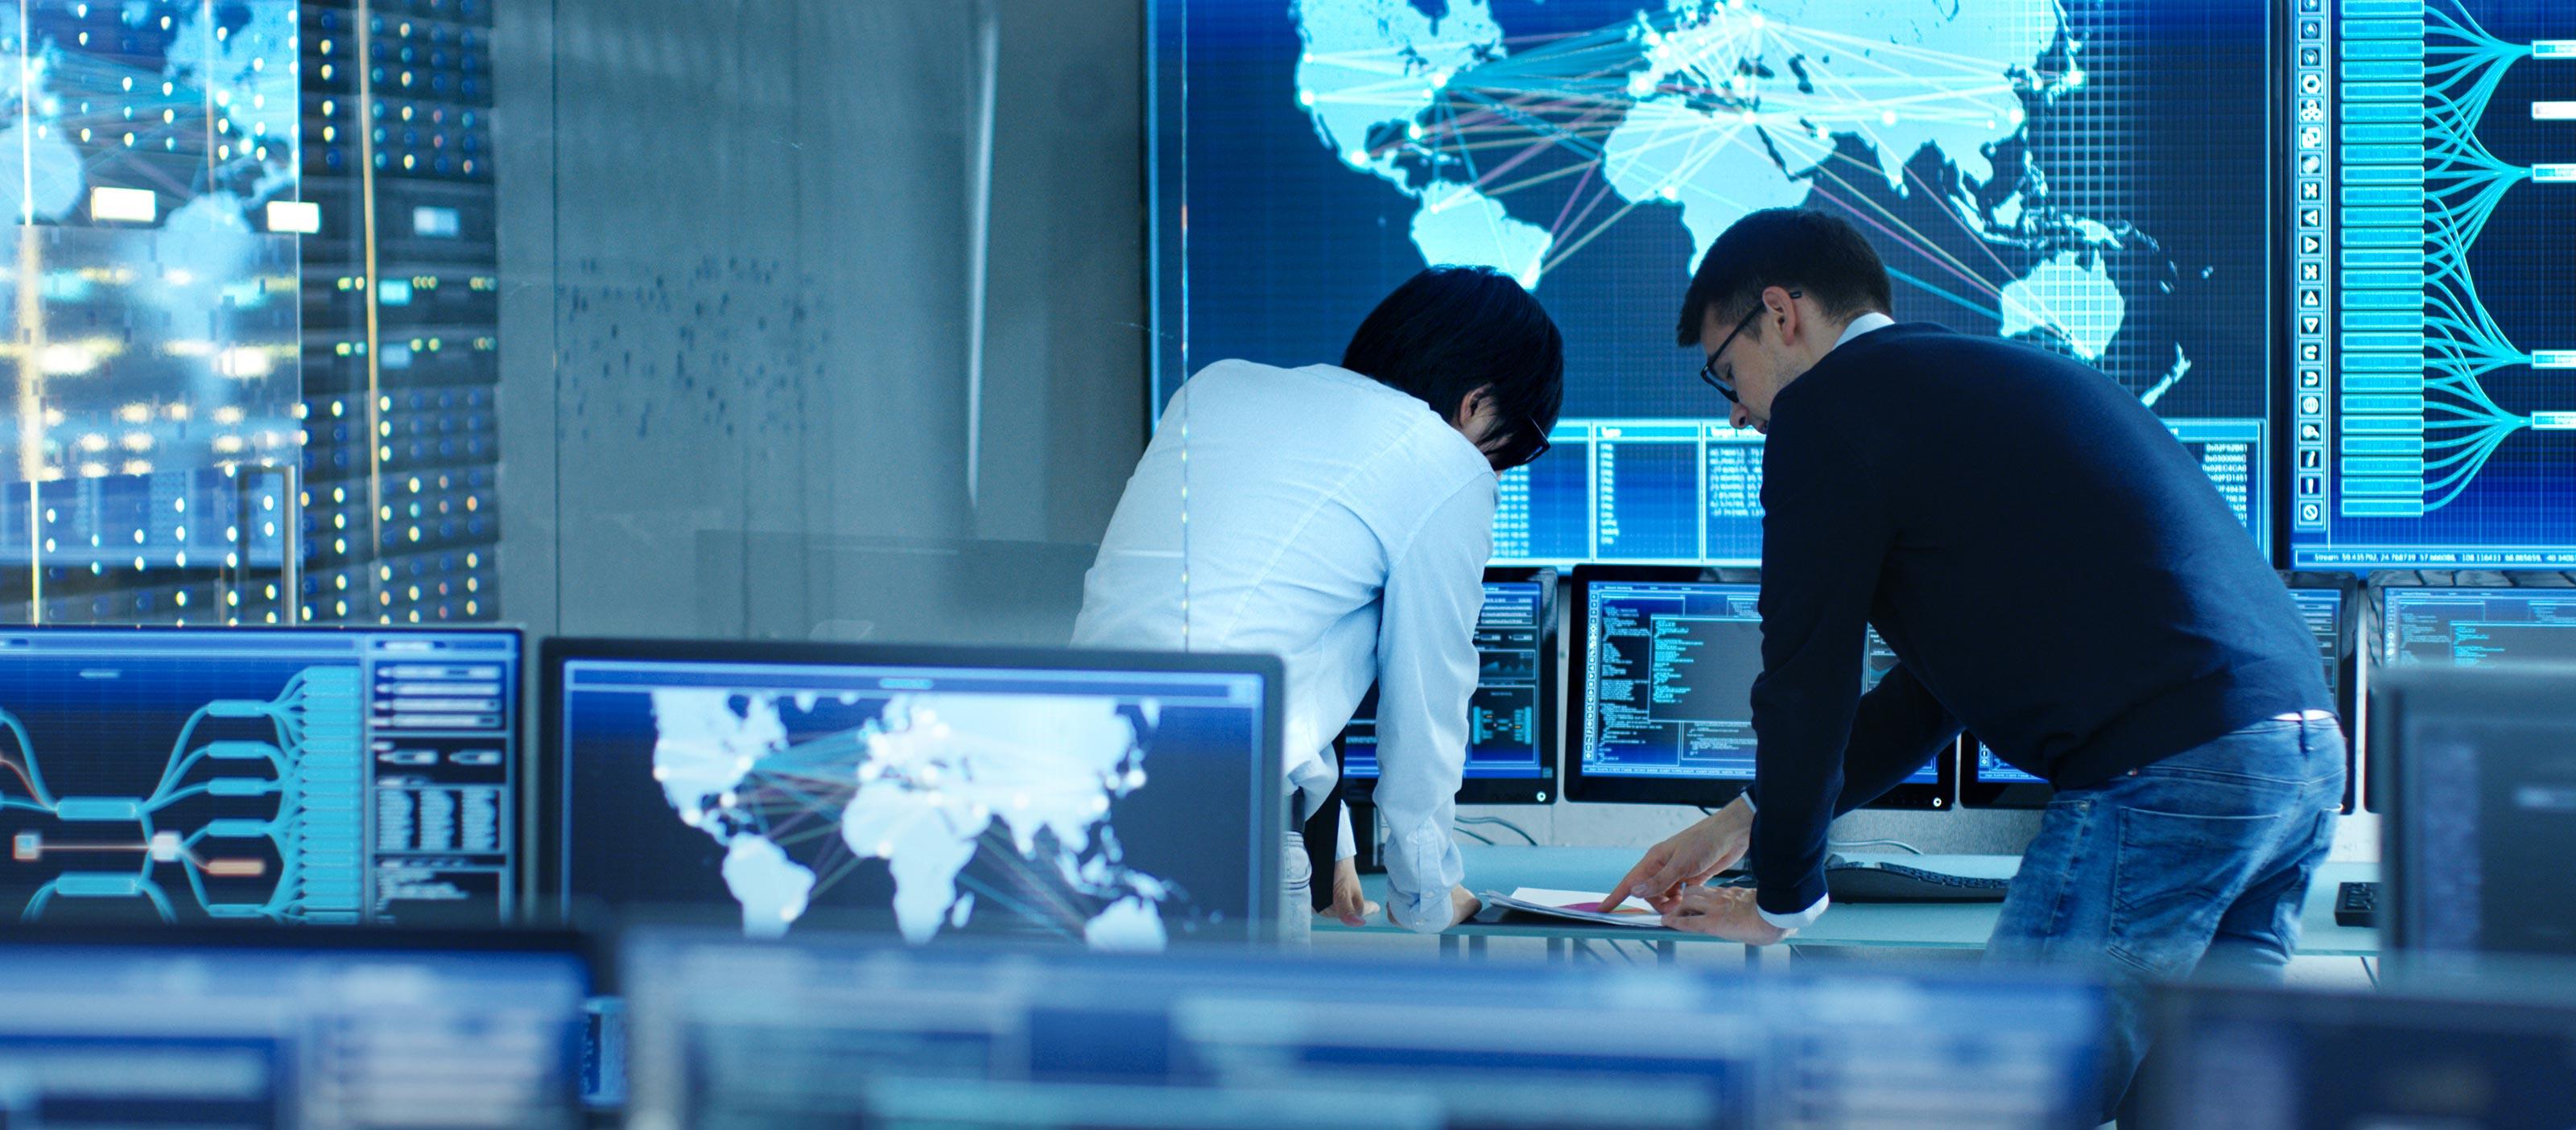 Rada Evropy potřebuje provést audit svého systému IT bezpečnosti